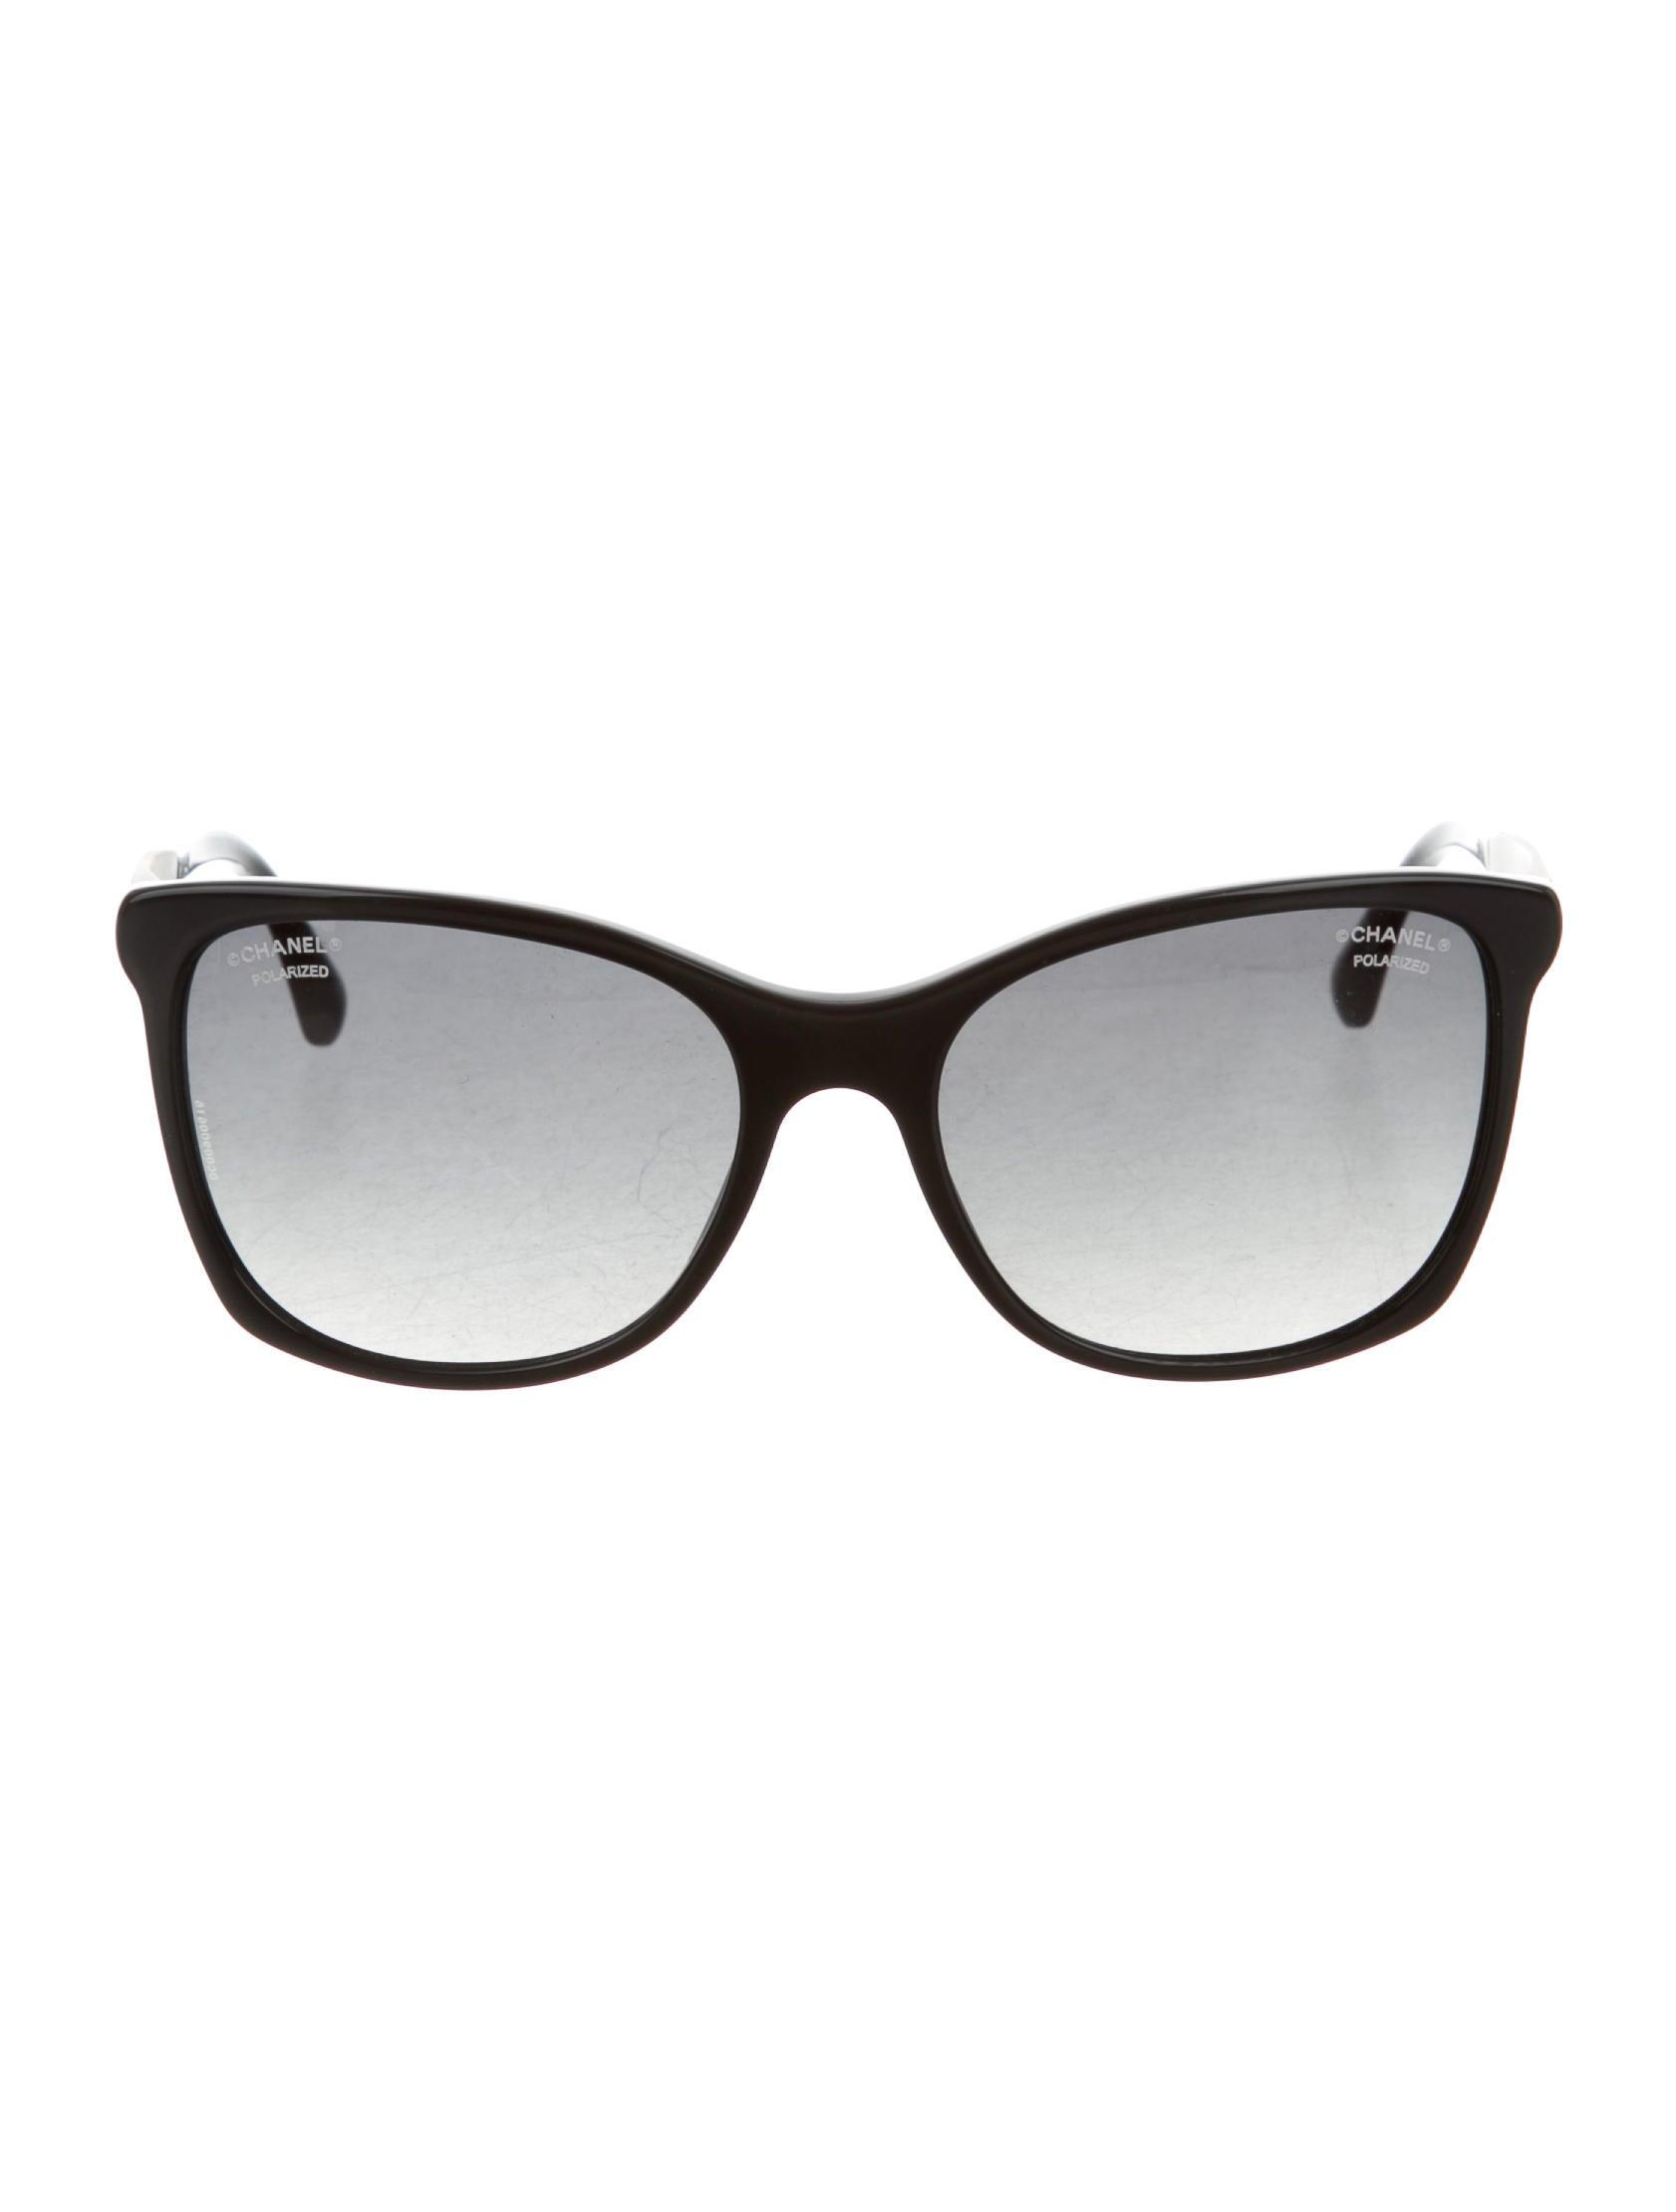 52c12dcc057a Chanel Square Signature Sunglasses 2016